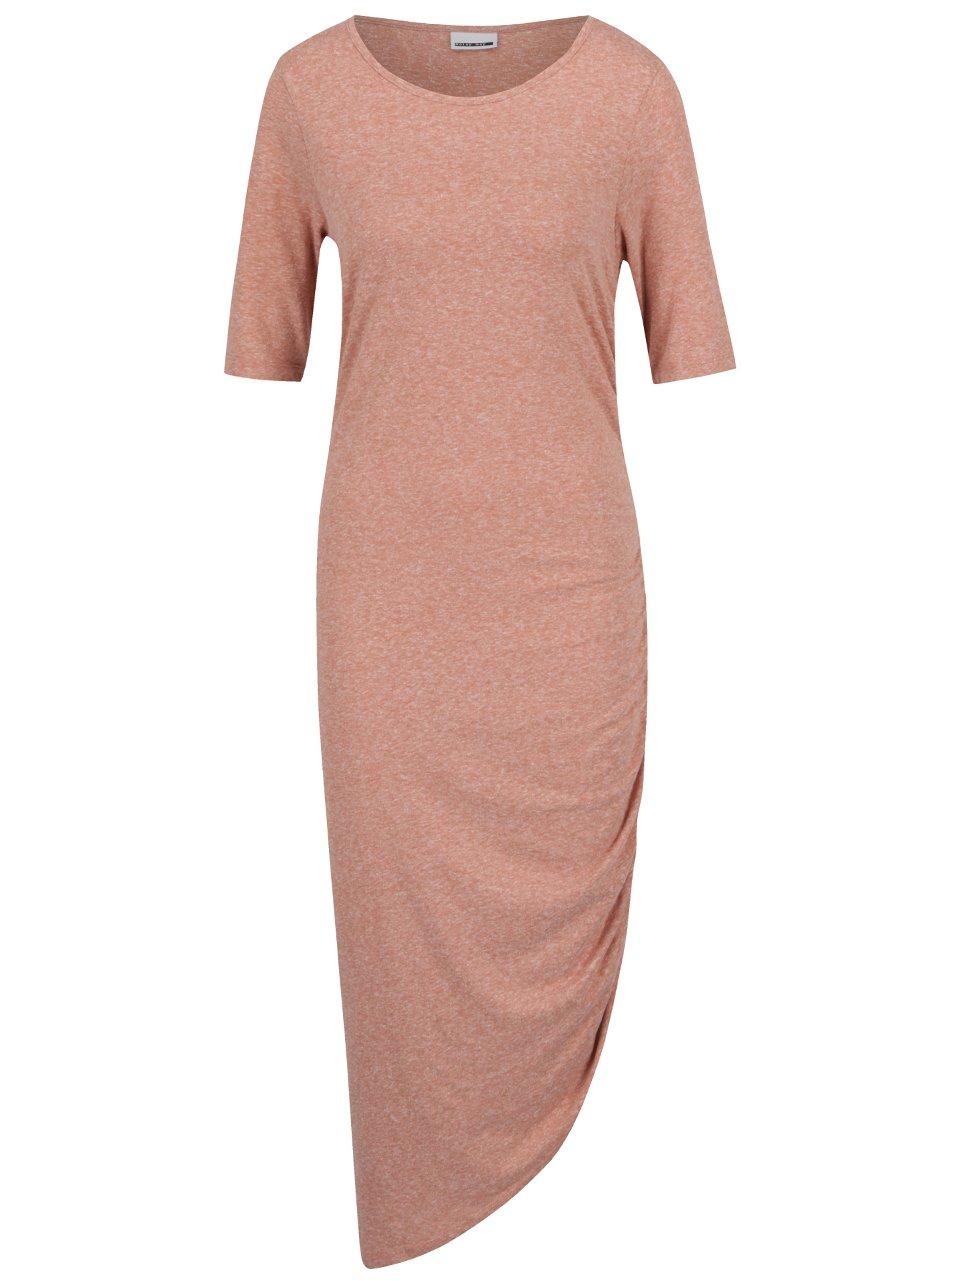 Starorůžové asymetrické žíhané šaty s řasením na boku Noisy May Ola